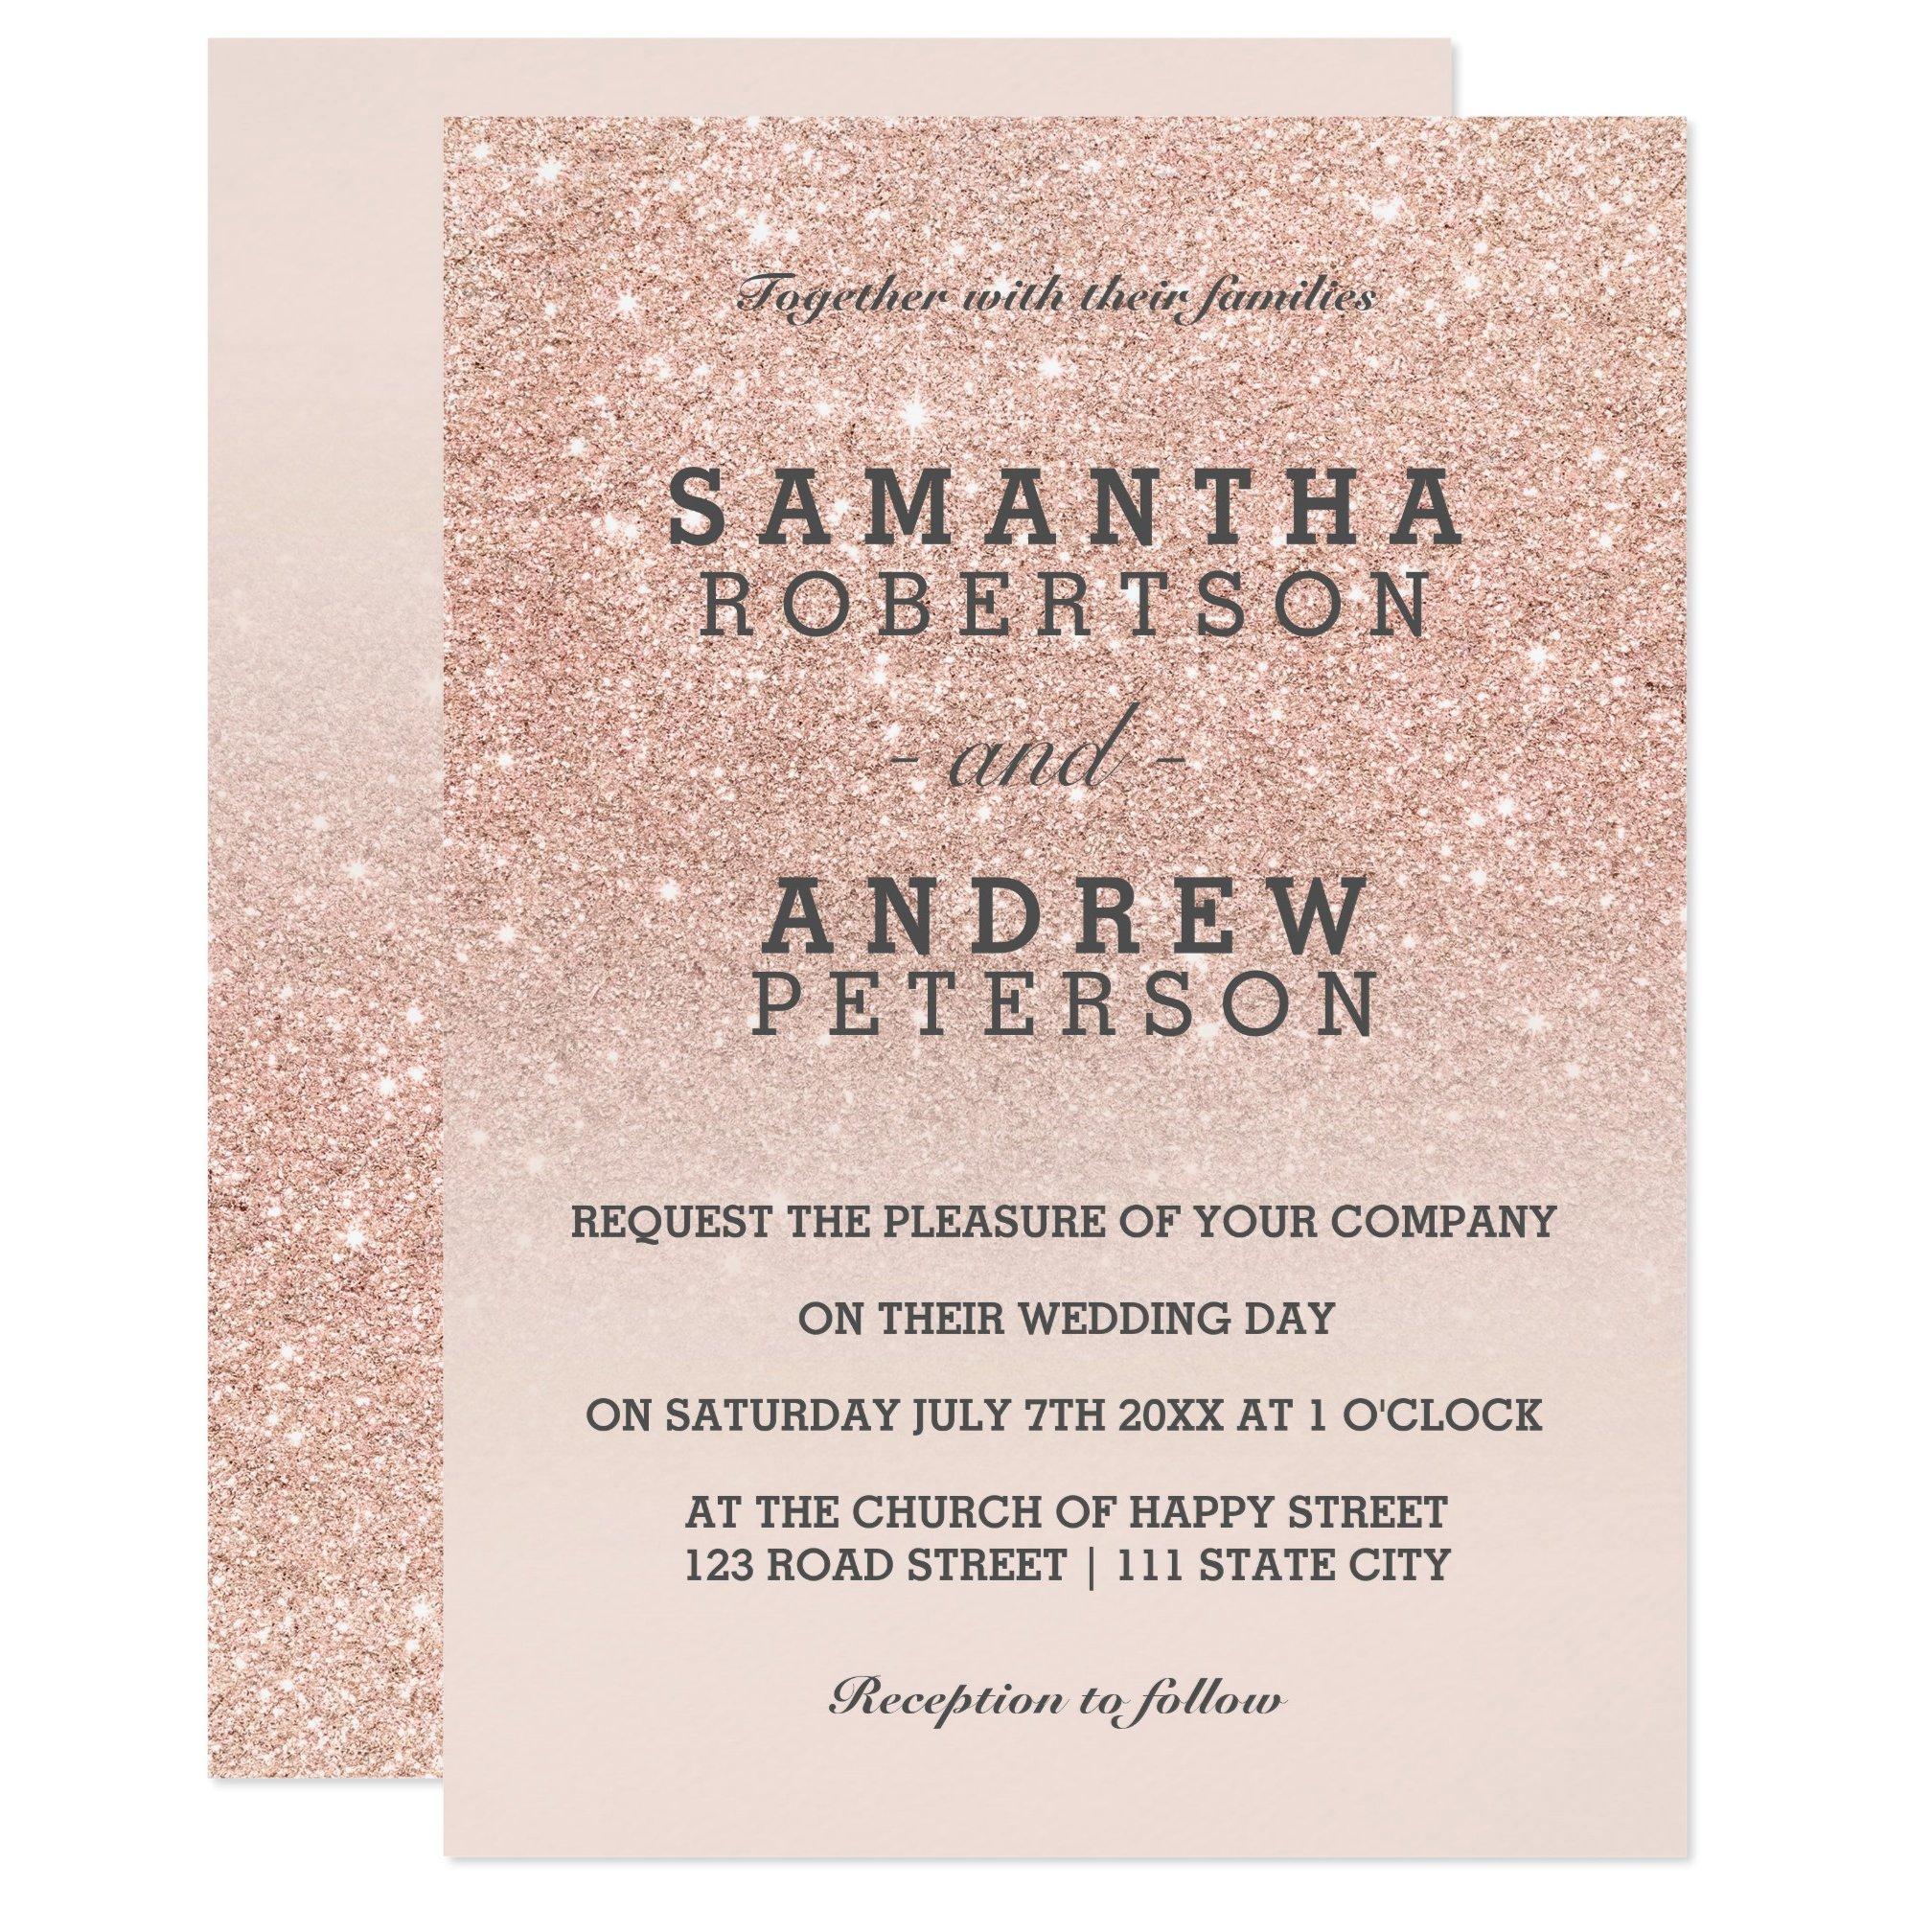 Zazzle Wedding Invitations.Zazzle Preview Rose Gold Glitter Ombre Wedding Invitation Digital